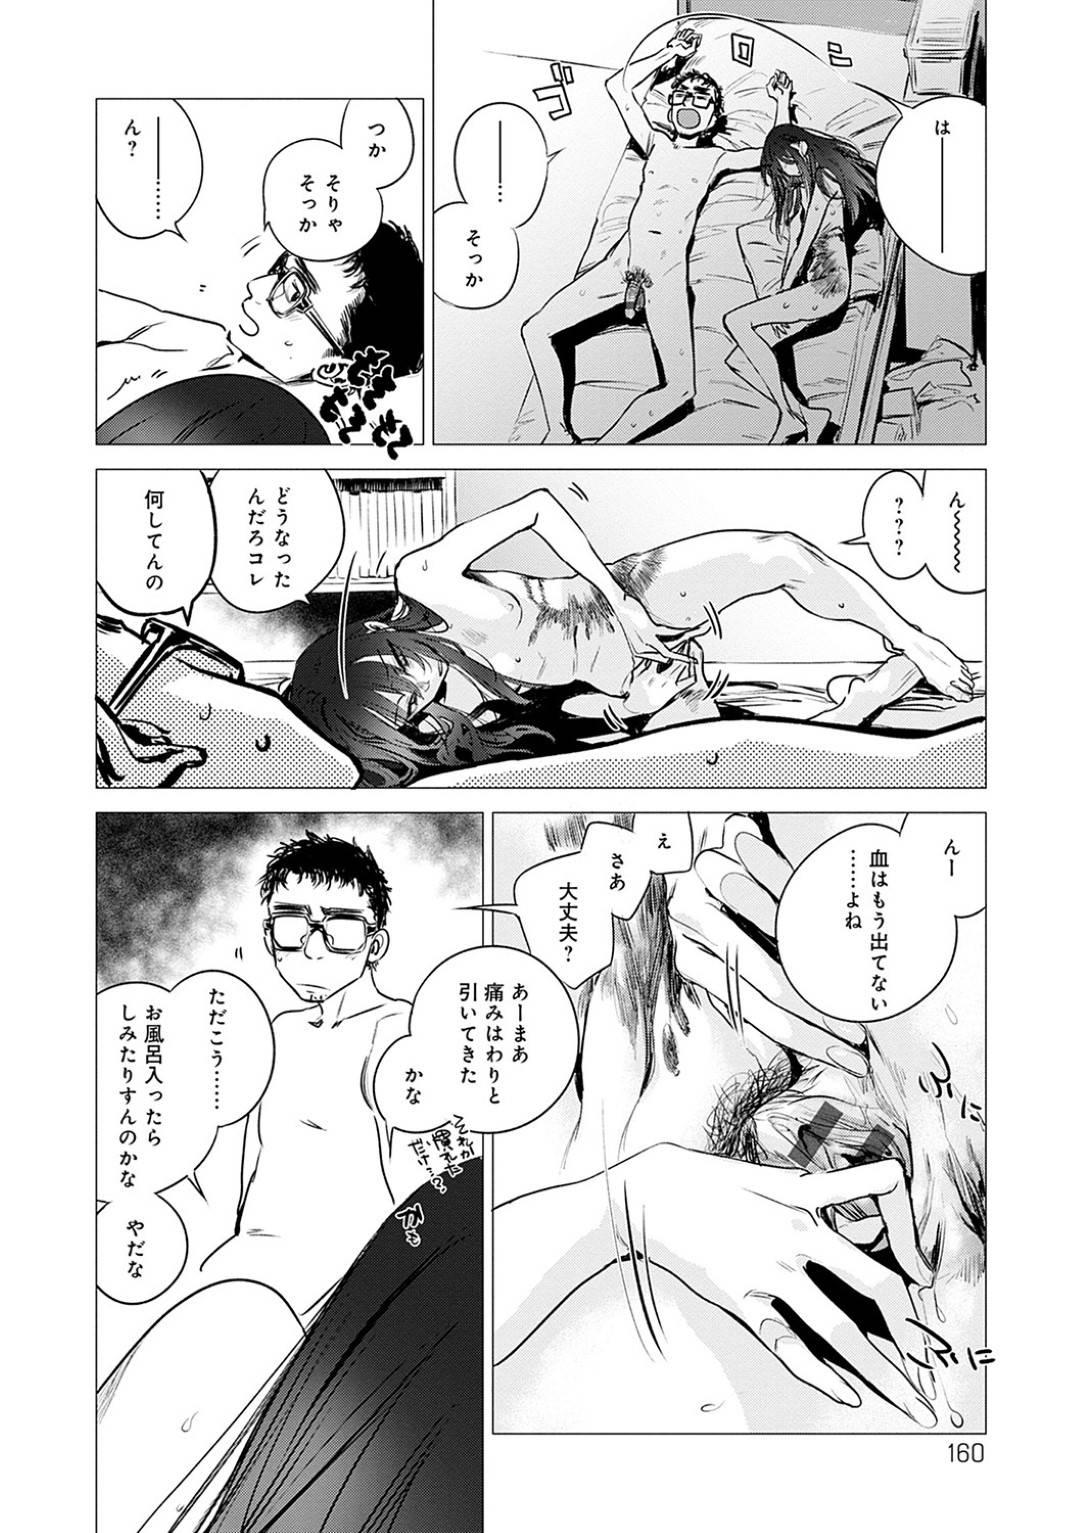 【エロ同人誌】彼氏を喜ばせようとかわいい下着をつけたツンデレ彼女…乳首を愛撫してくる彼氏に身体を委ねての正常位でイチャラブSEXで同時イキする!【オリジナル】